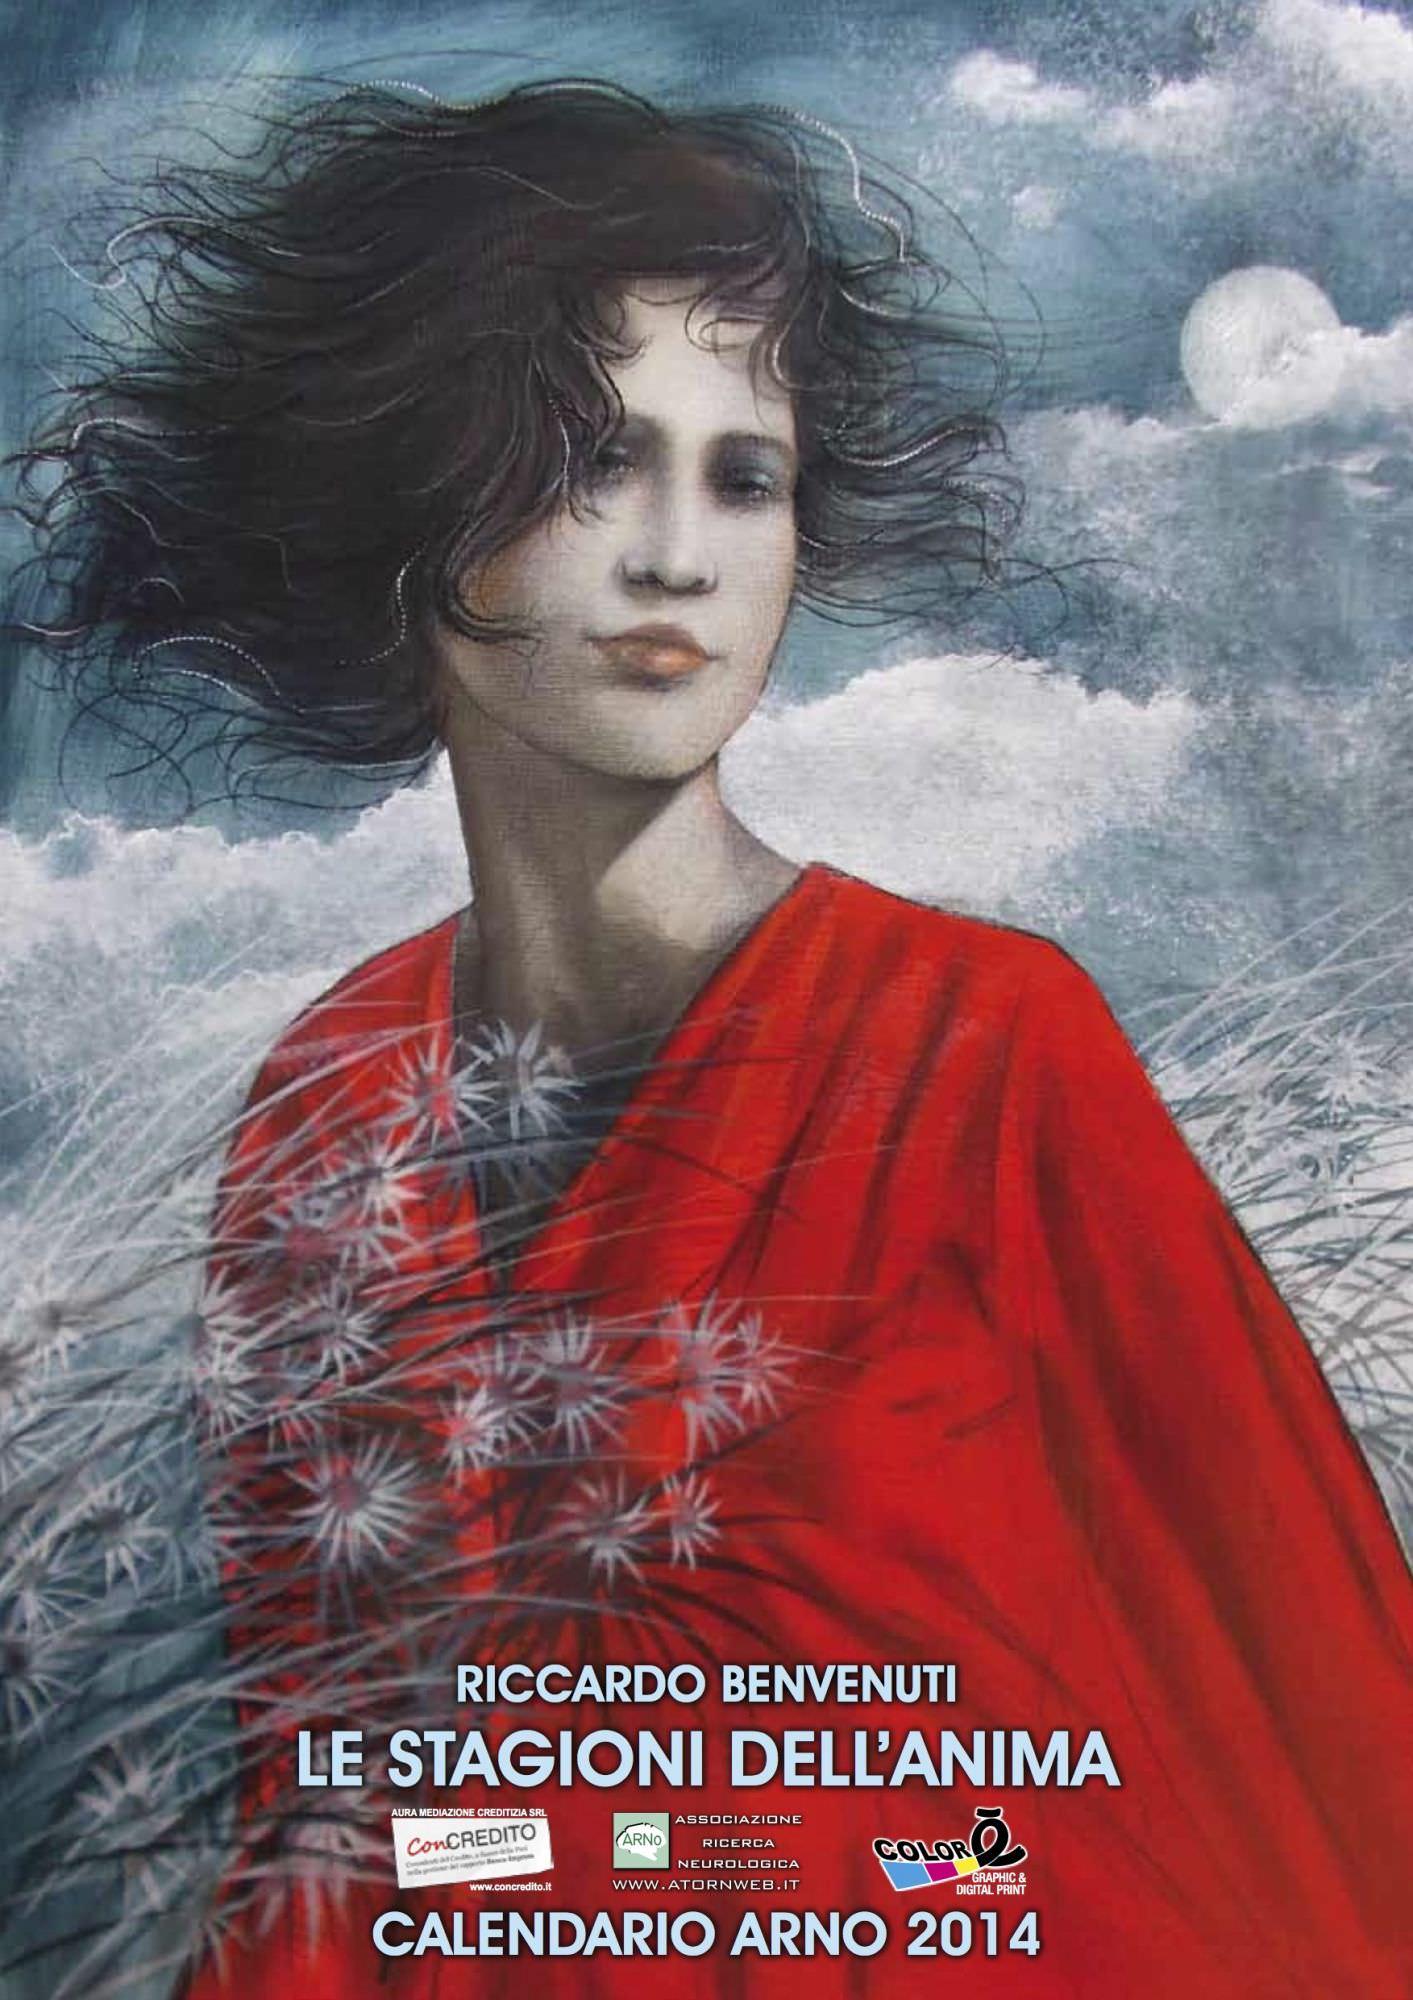 Un sostegno alla ricerca neurologica con il calendario di Riccardo Benvenuti per Arno